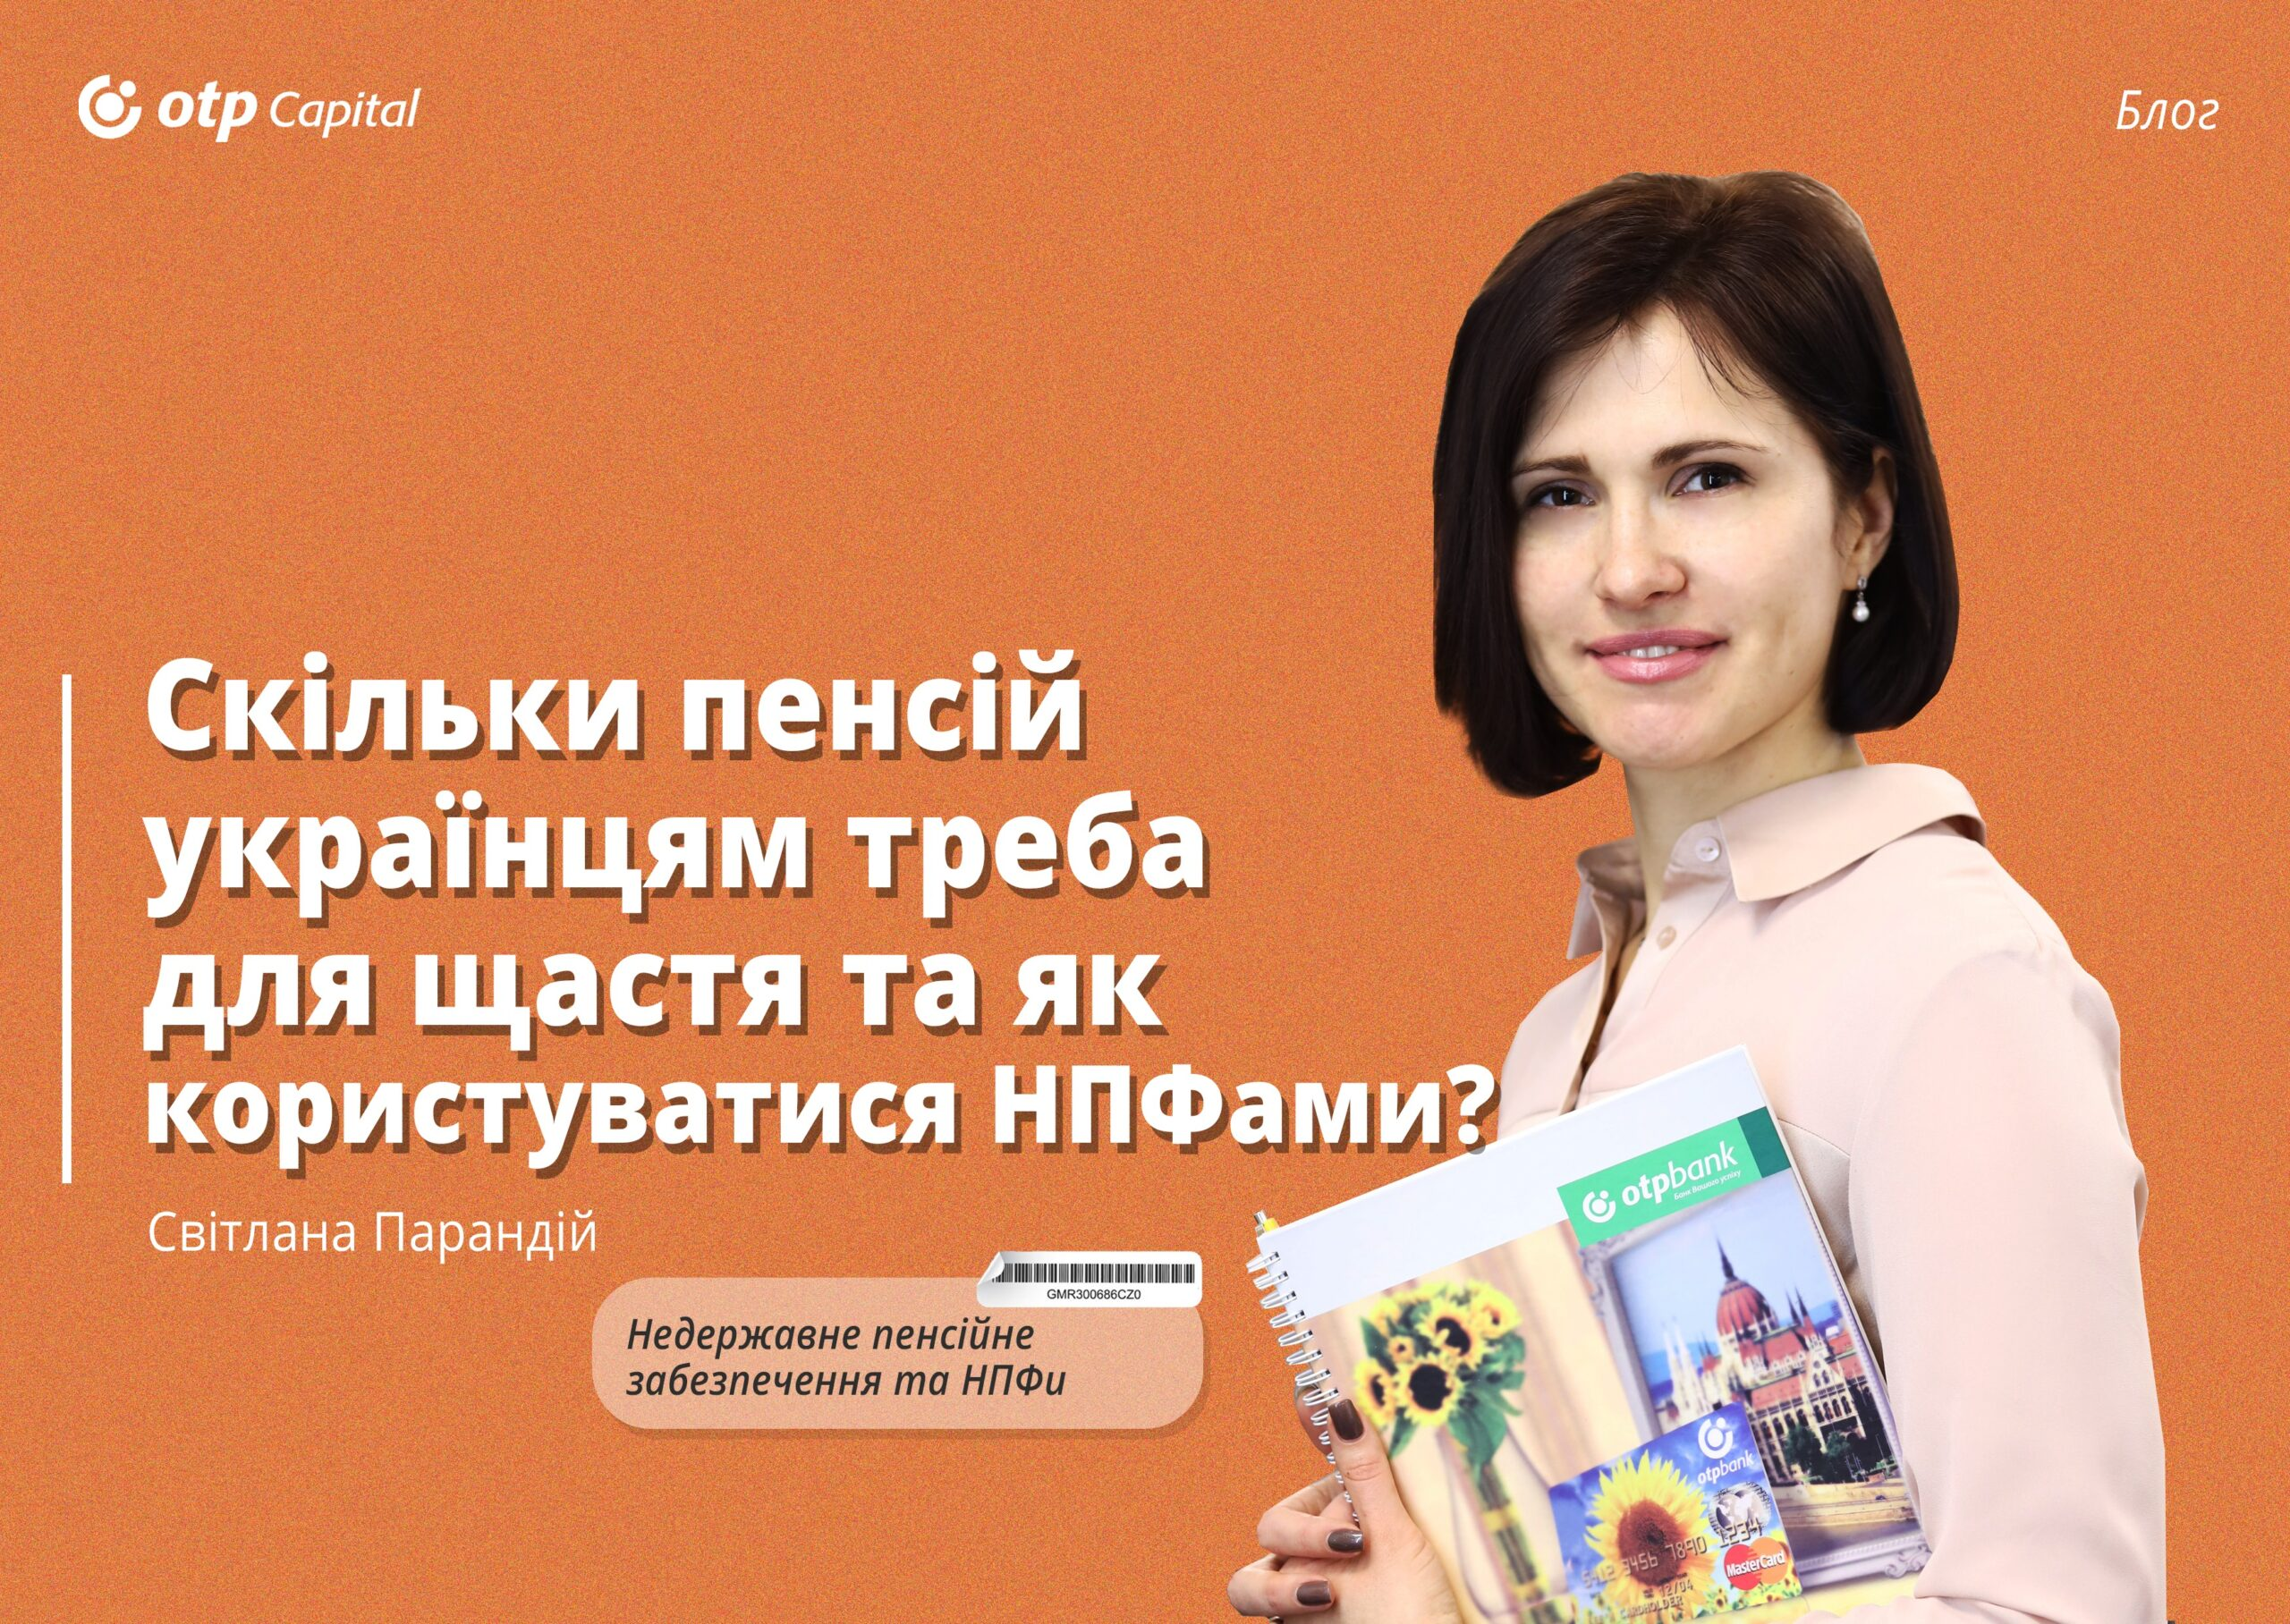 Скільки пенсій українцям треба для щастя та як користуватися НПФами